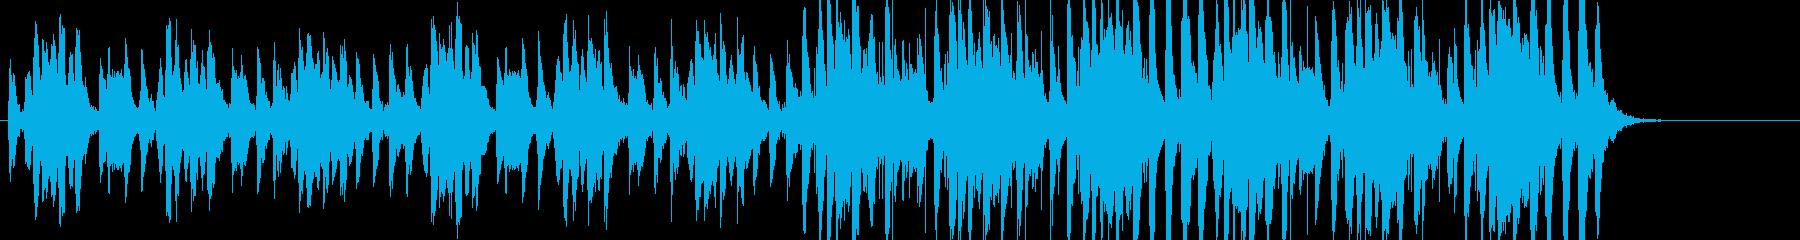 ワールドインストゥルメンタル。ラテ...の再生済みの波形